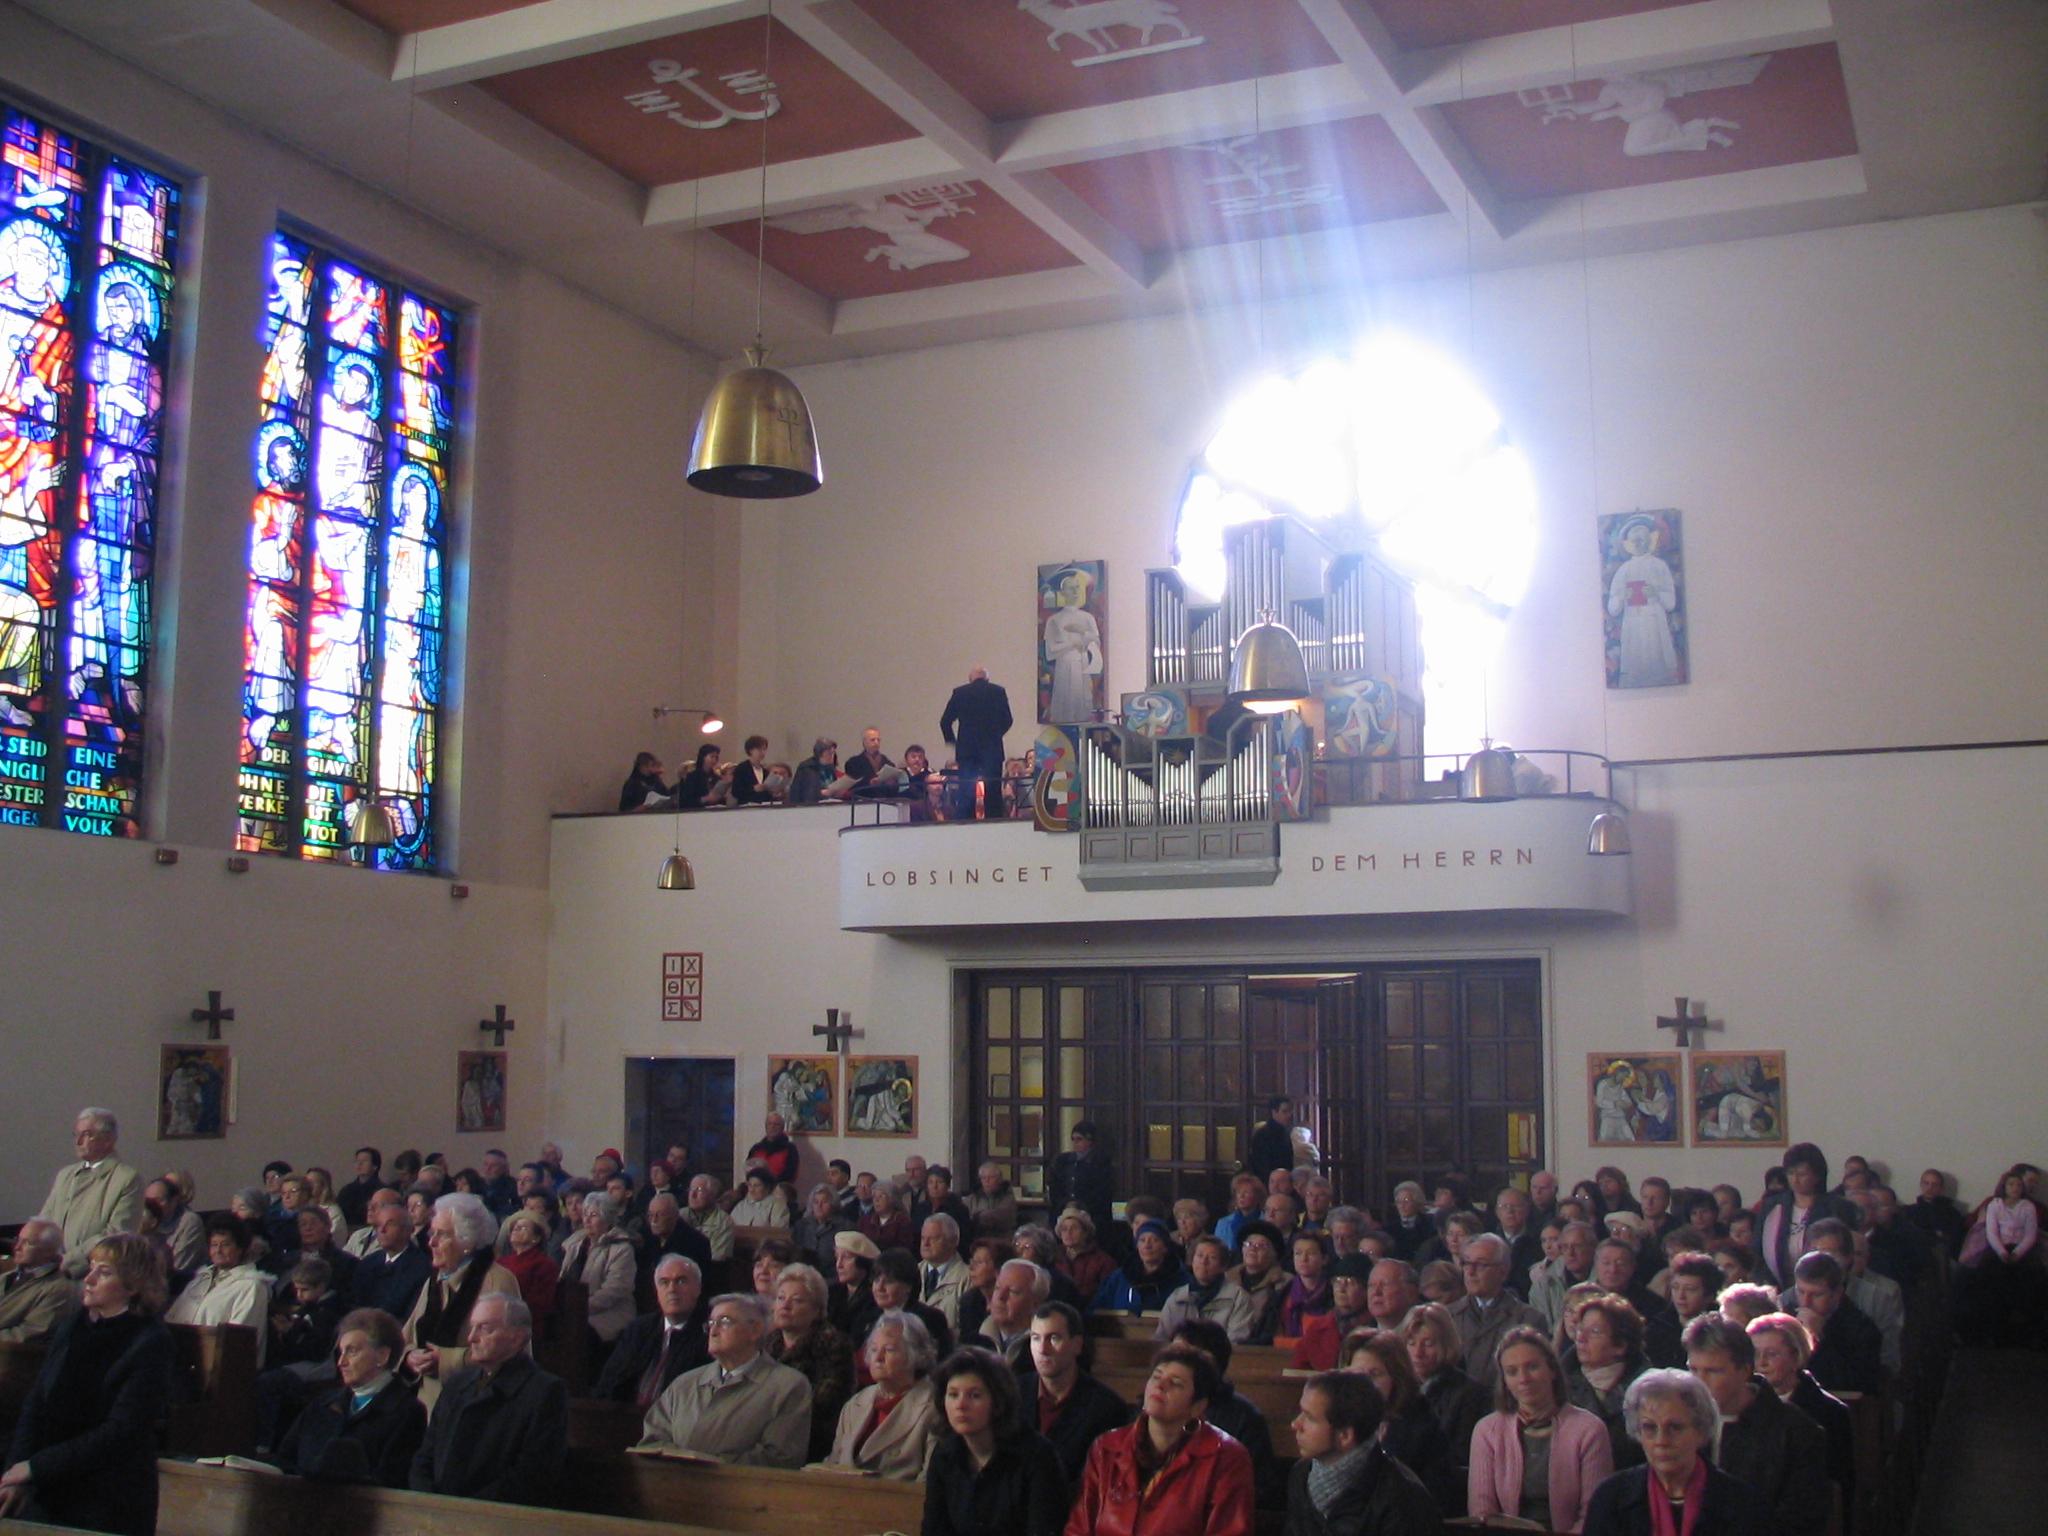 Innenraum mit Blick auf den Chor mit der Heiller-Pirchner Orgel